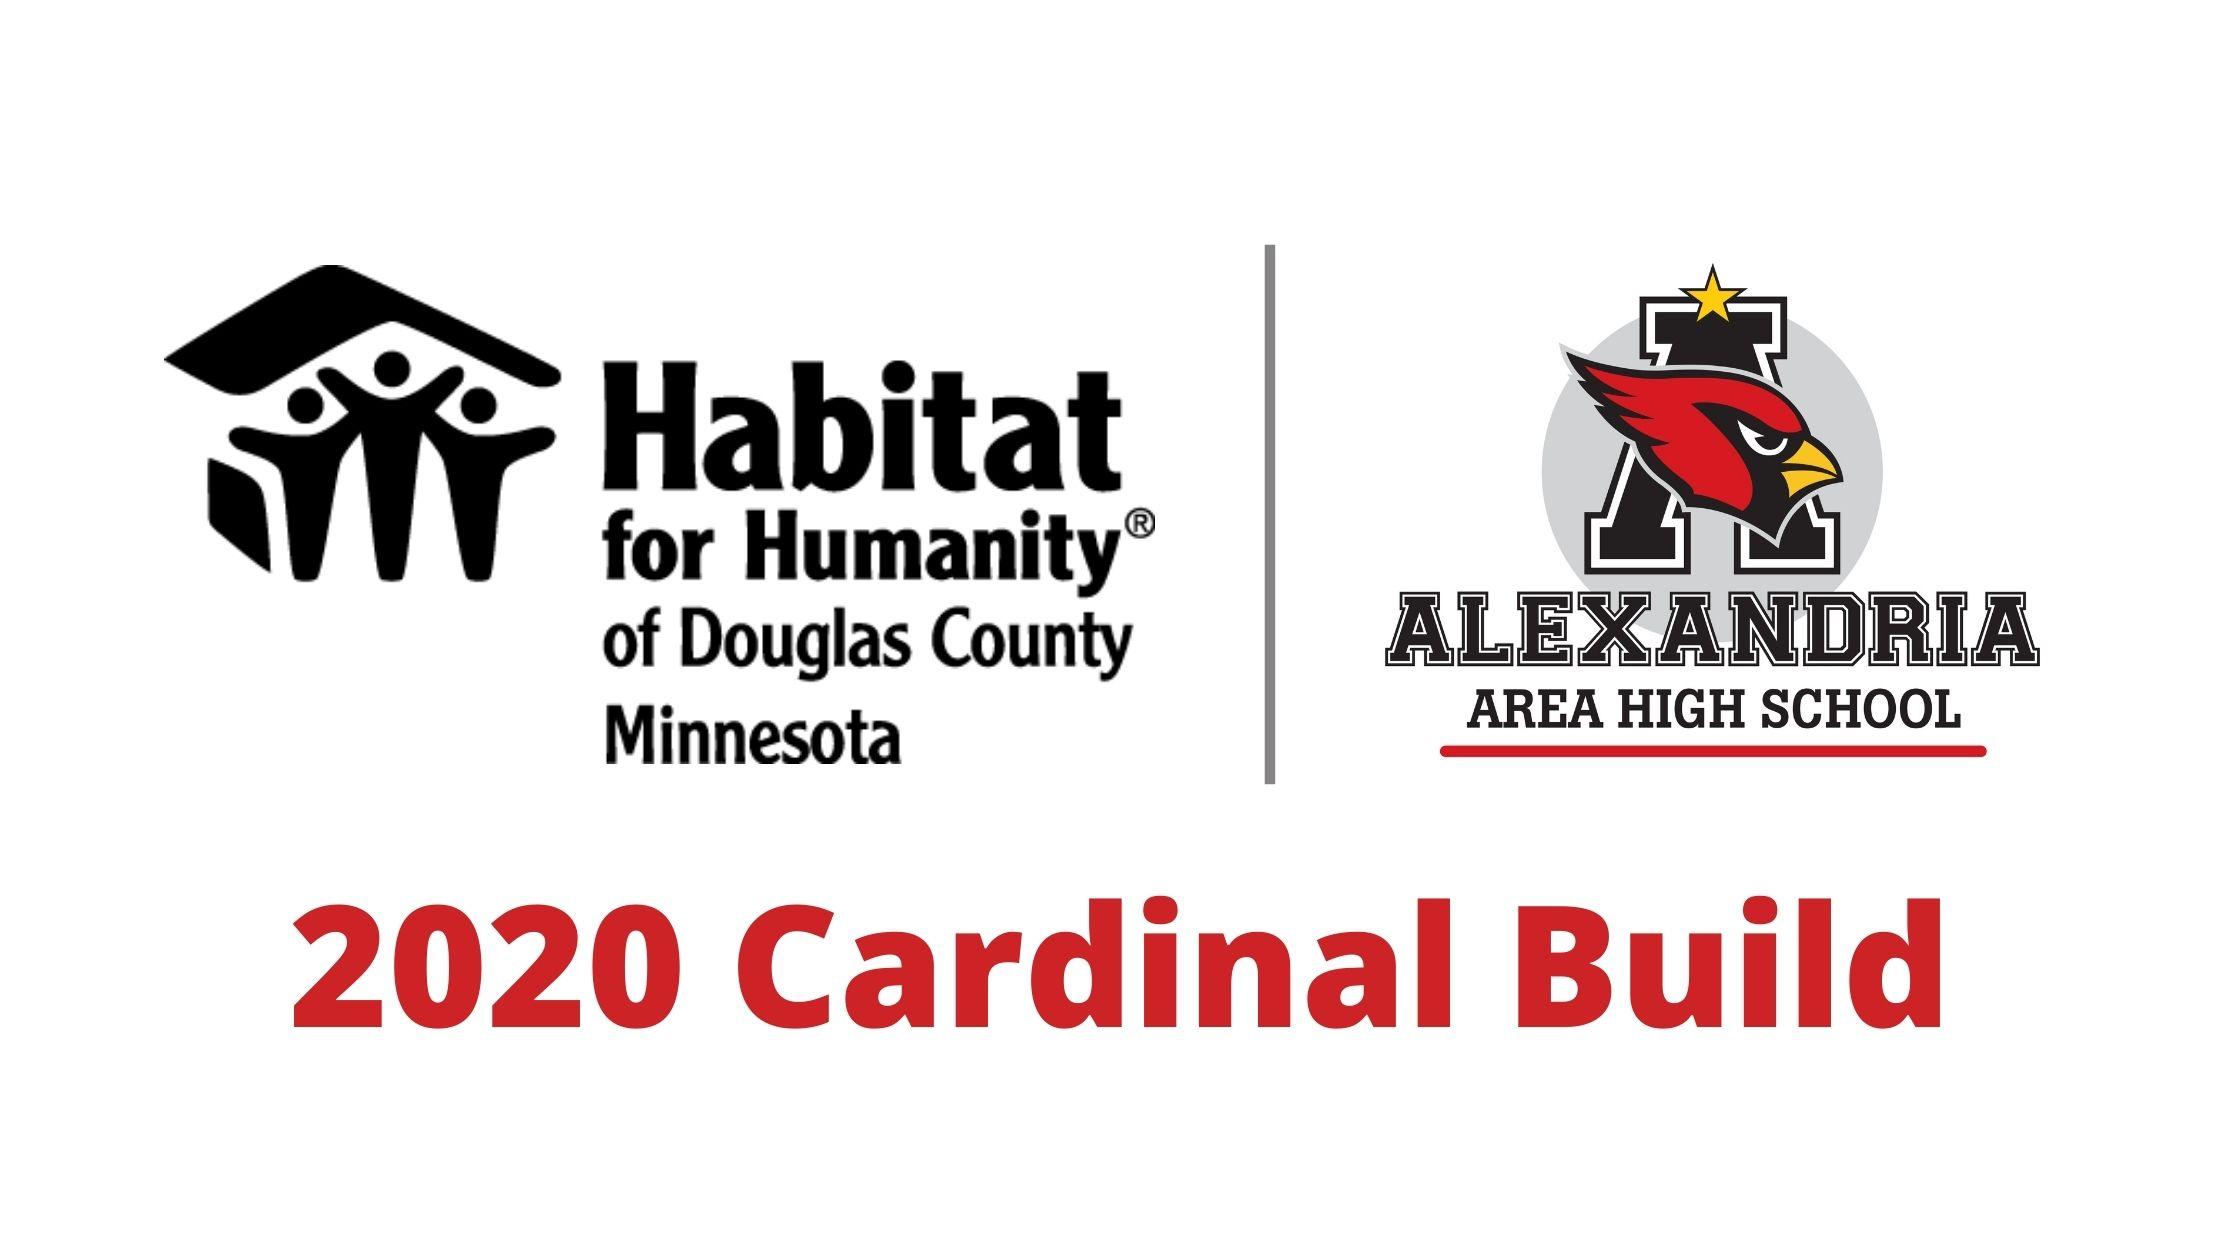 2020 Cardinal Build